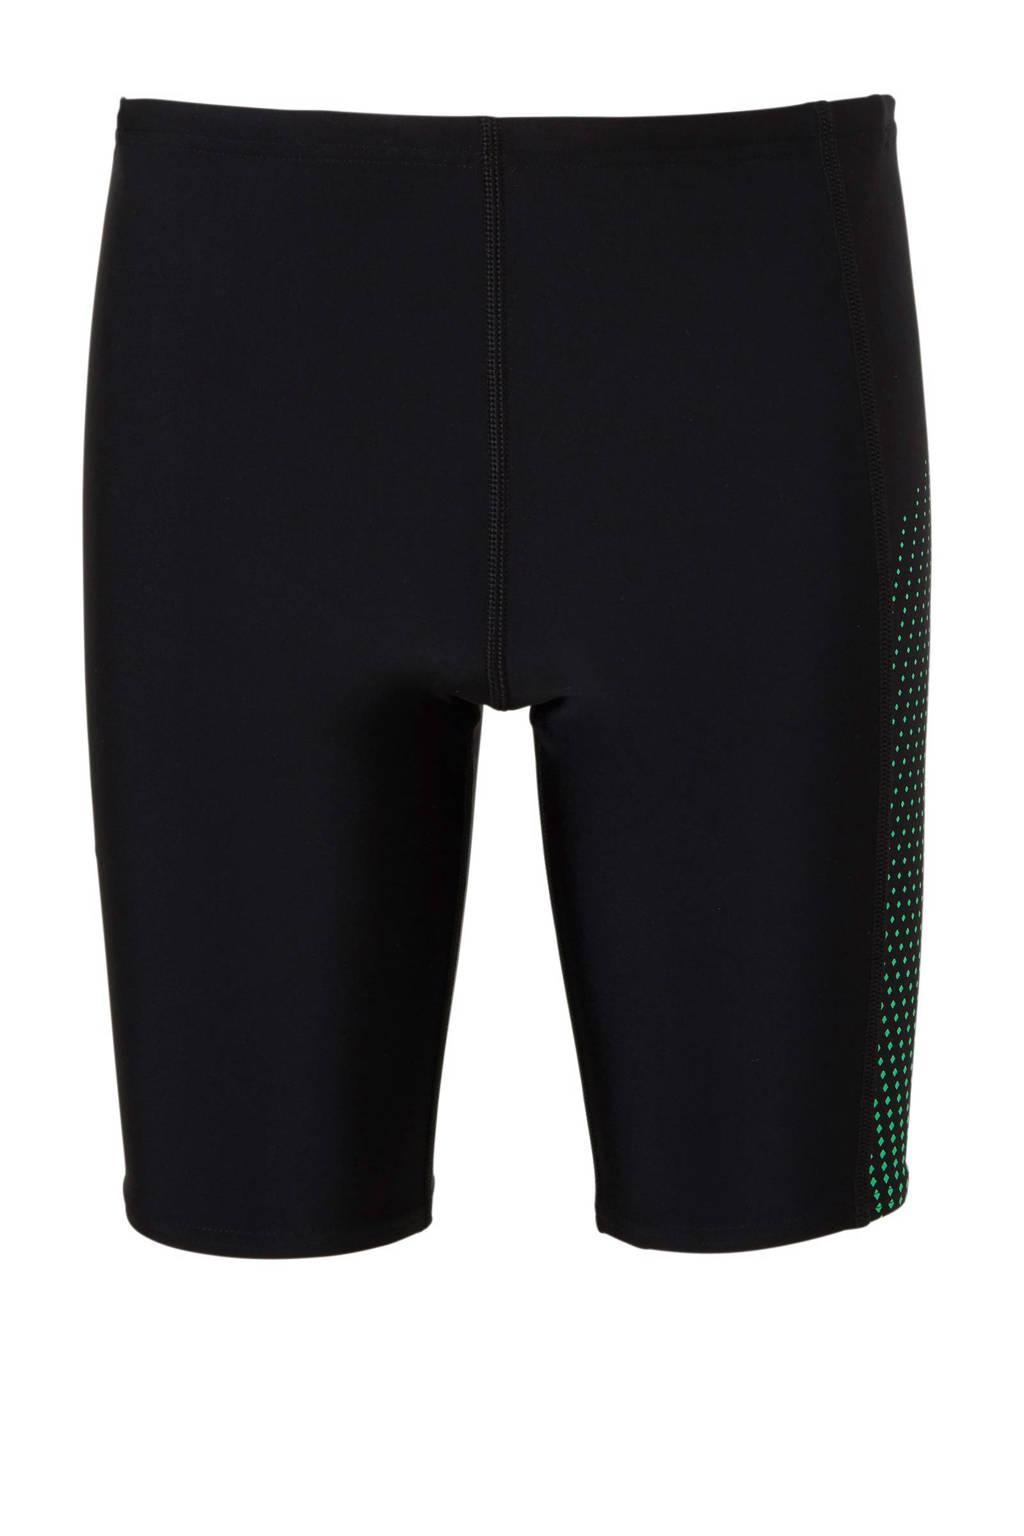 Speedo Endurance 10 jammer met printopdruk zwart/groen, Zwart/groen